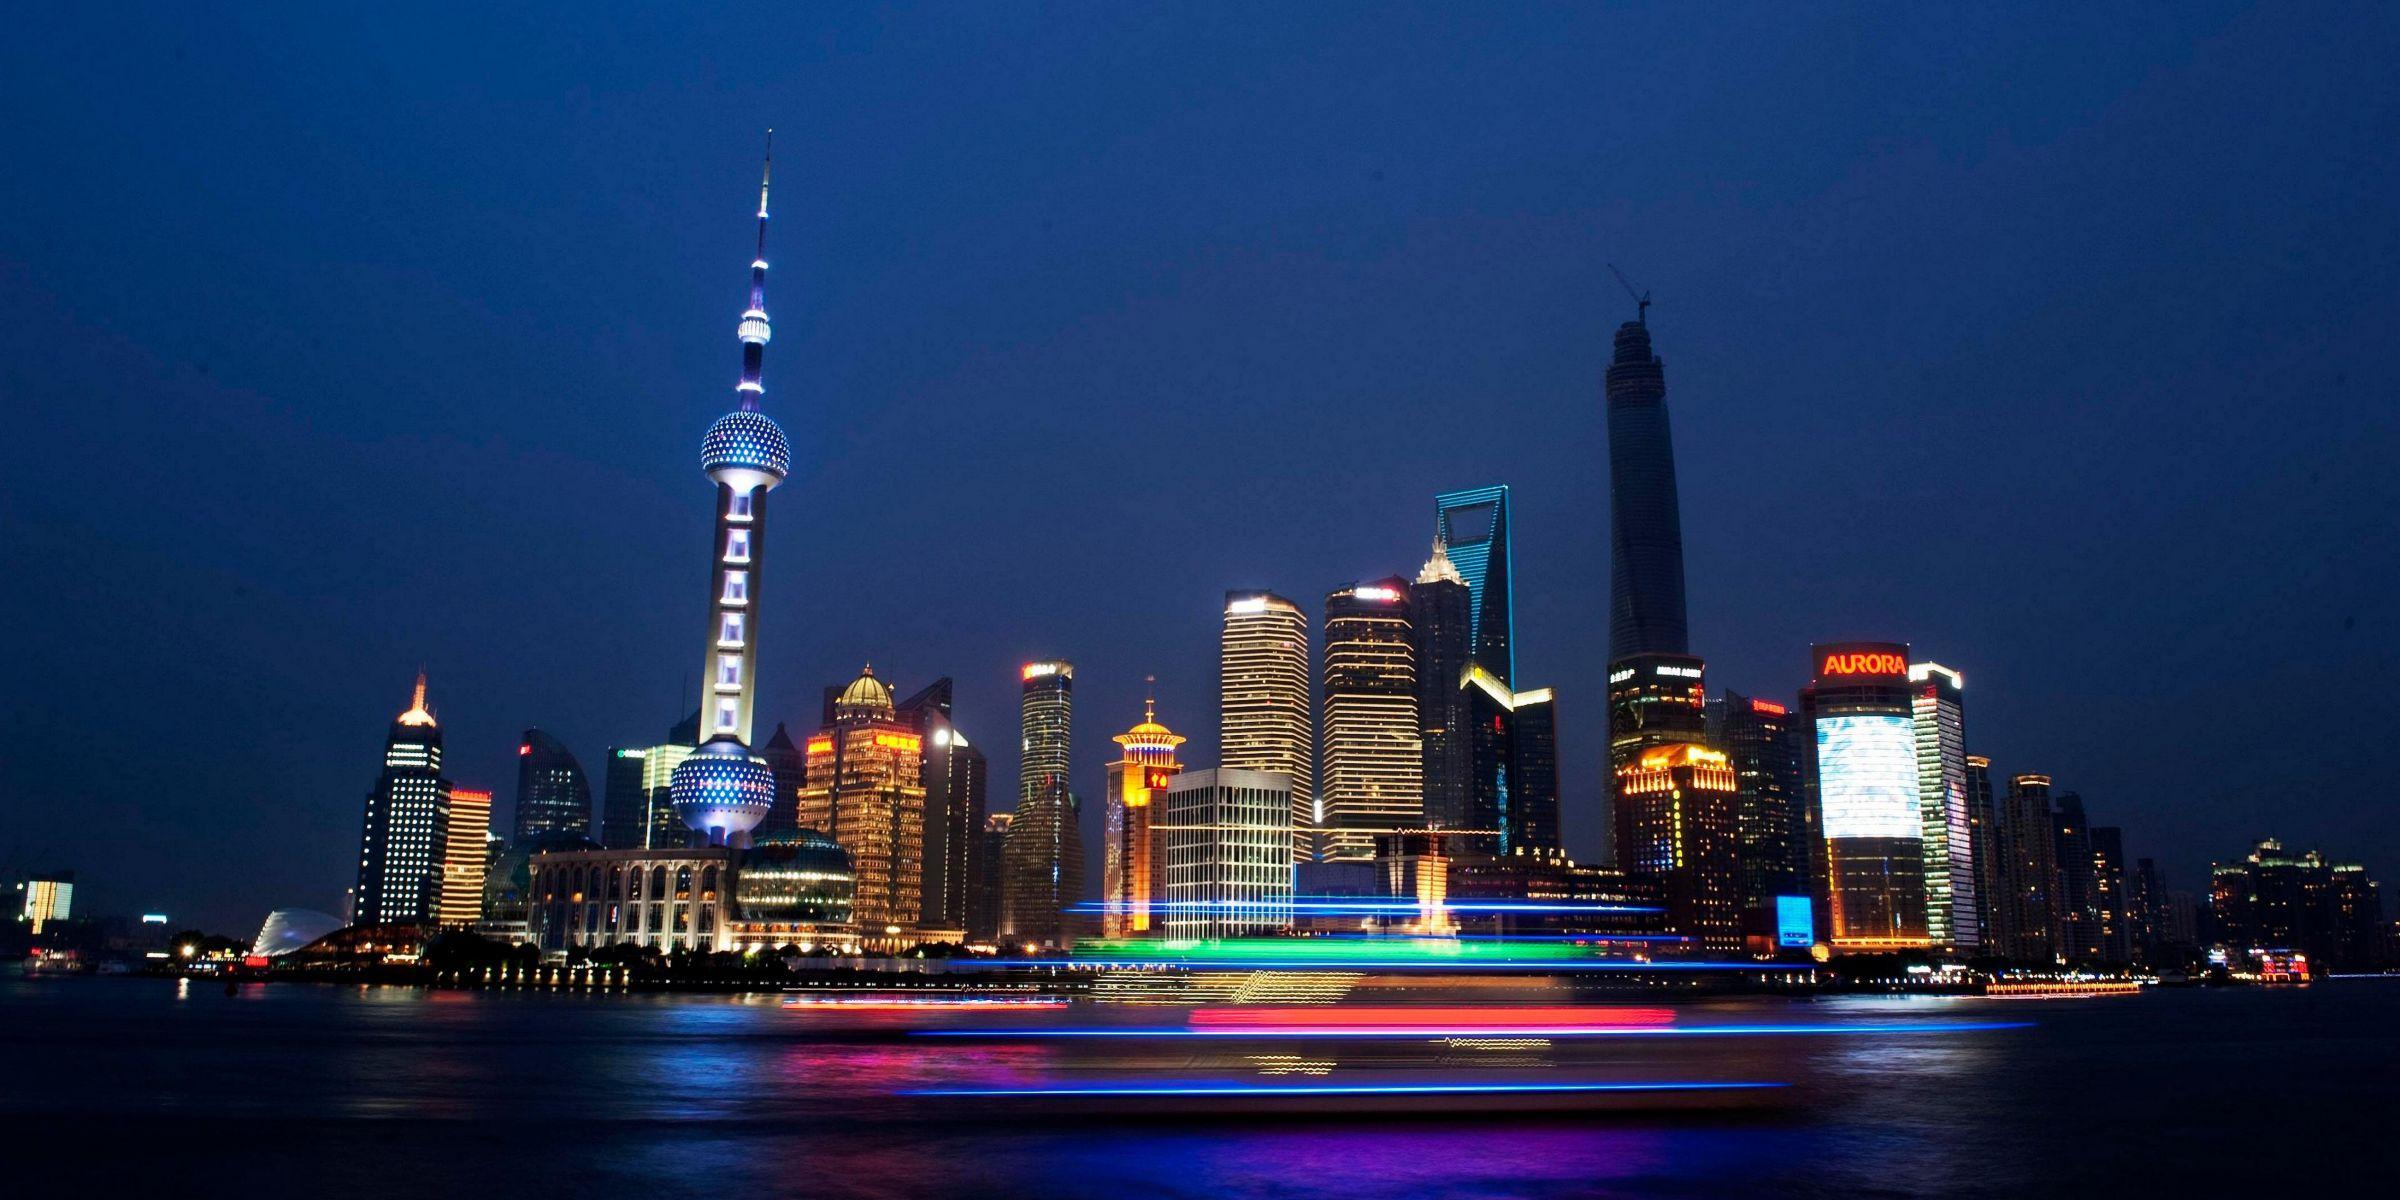 中国科技论文数量首次超美国 全球科技影响力大增